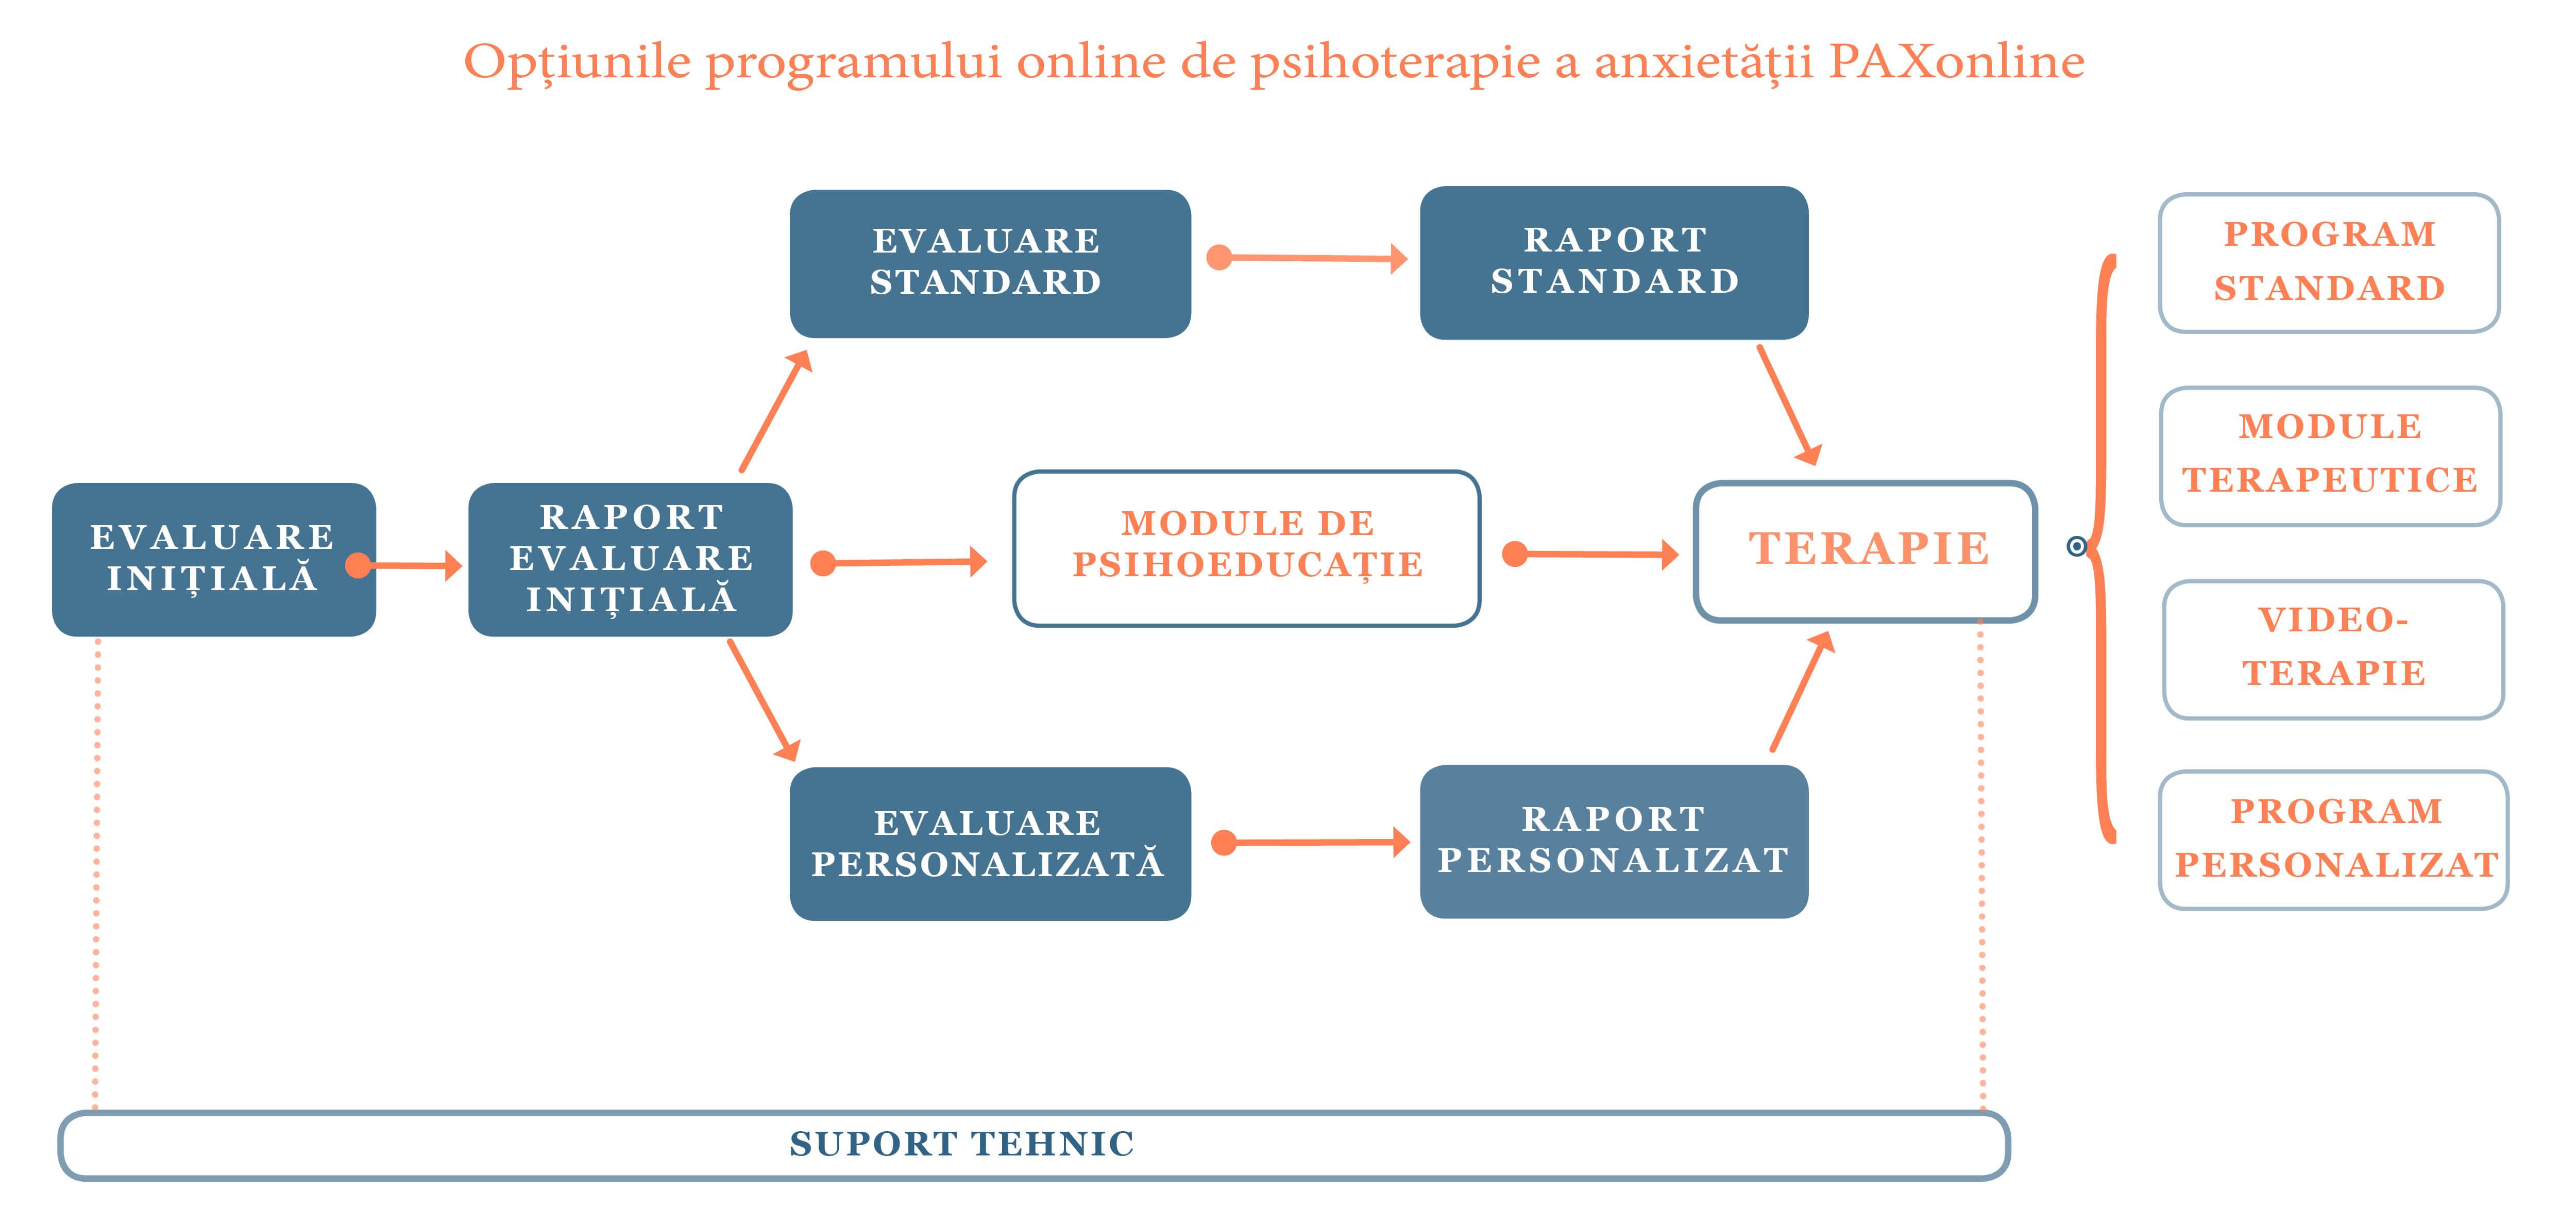 Figura cu facilitatile PAXonline pentru pacienti